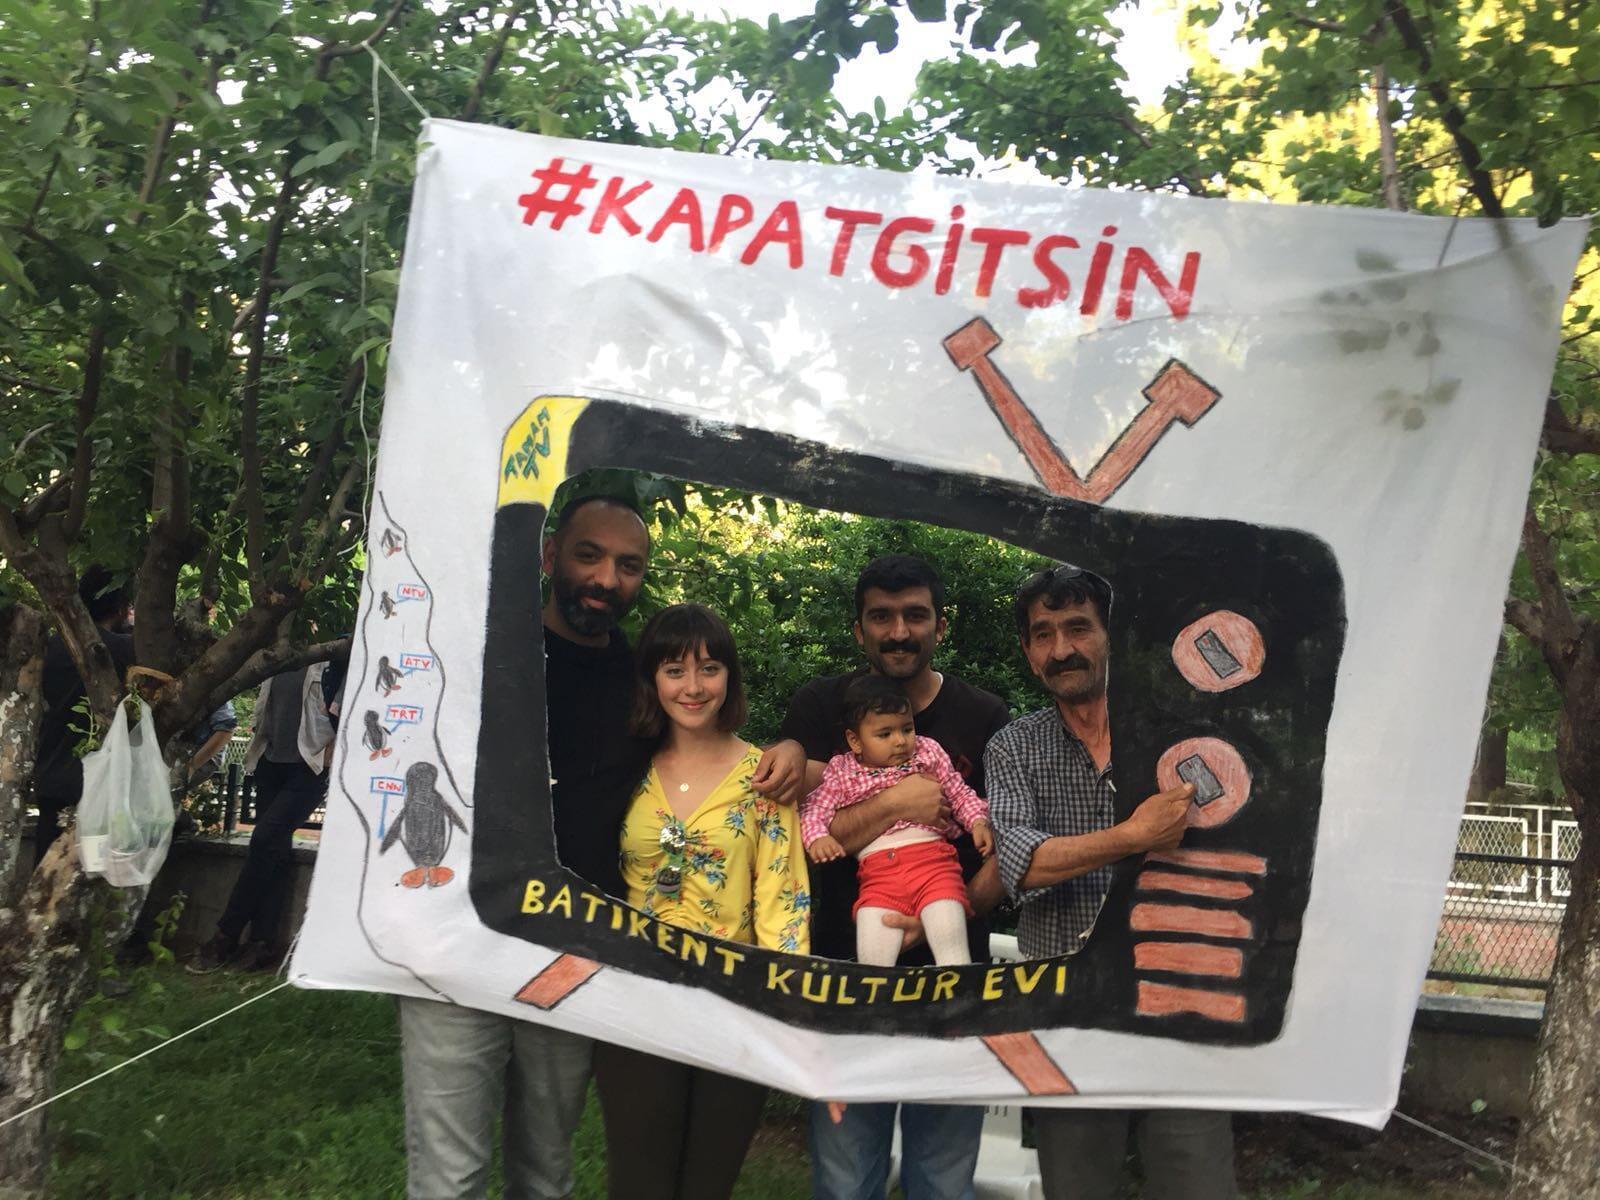 Photo prise par notre Observatrice lors d'un rassemblement à Ankara, le 19 mai 2018.